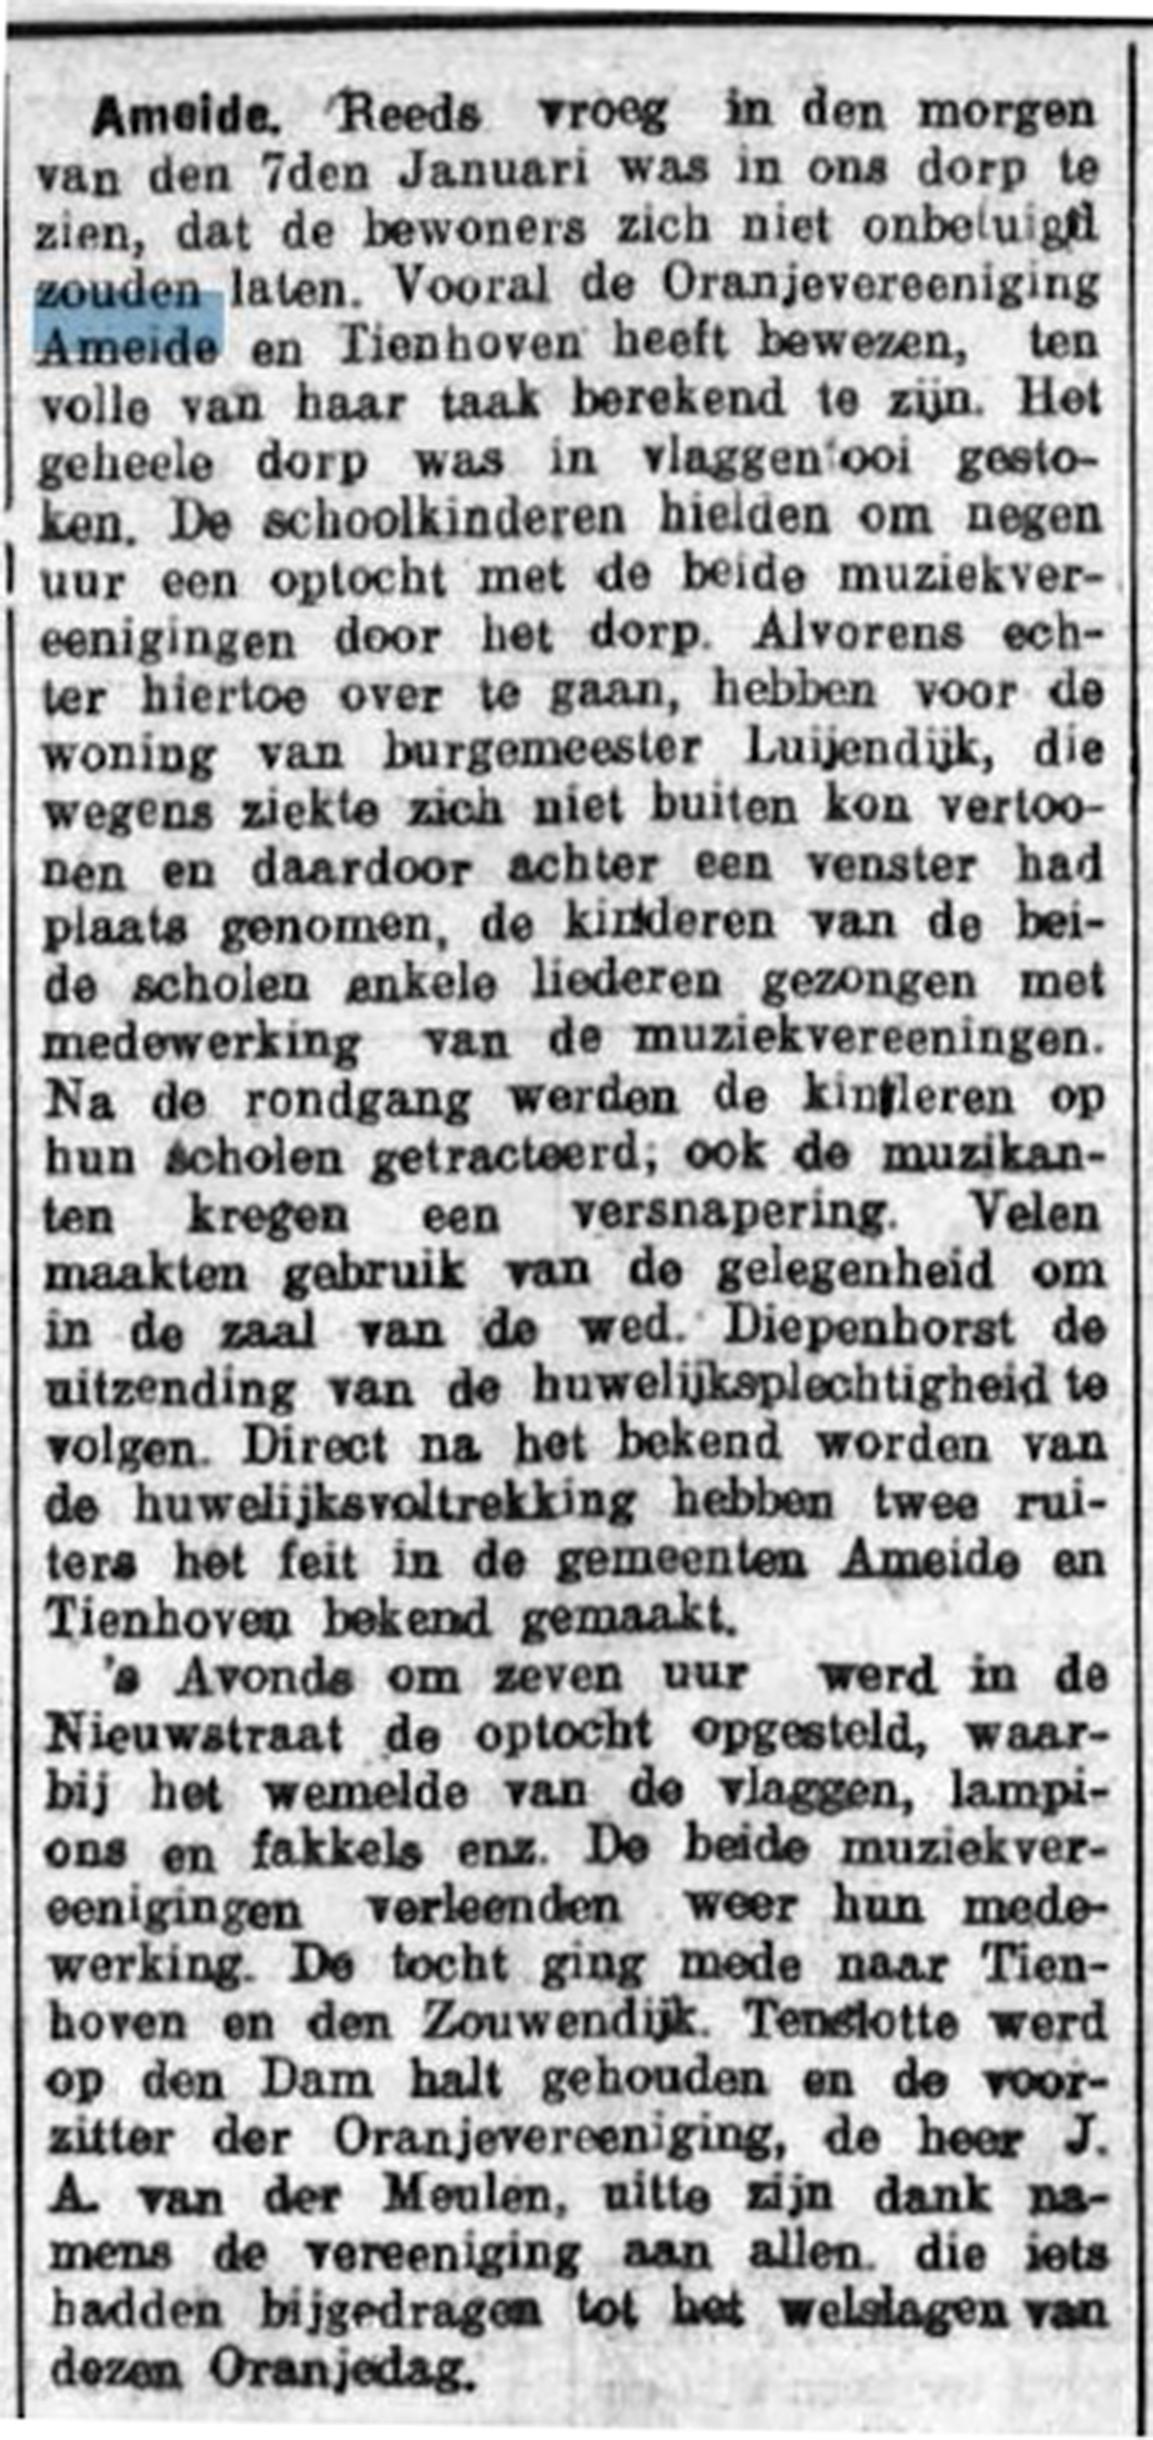 Schoonhovensche Courant 07757 1937-01-11 artikel 01